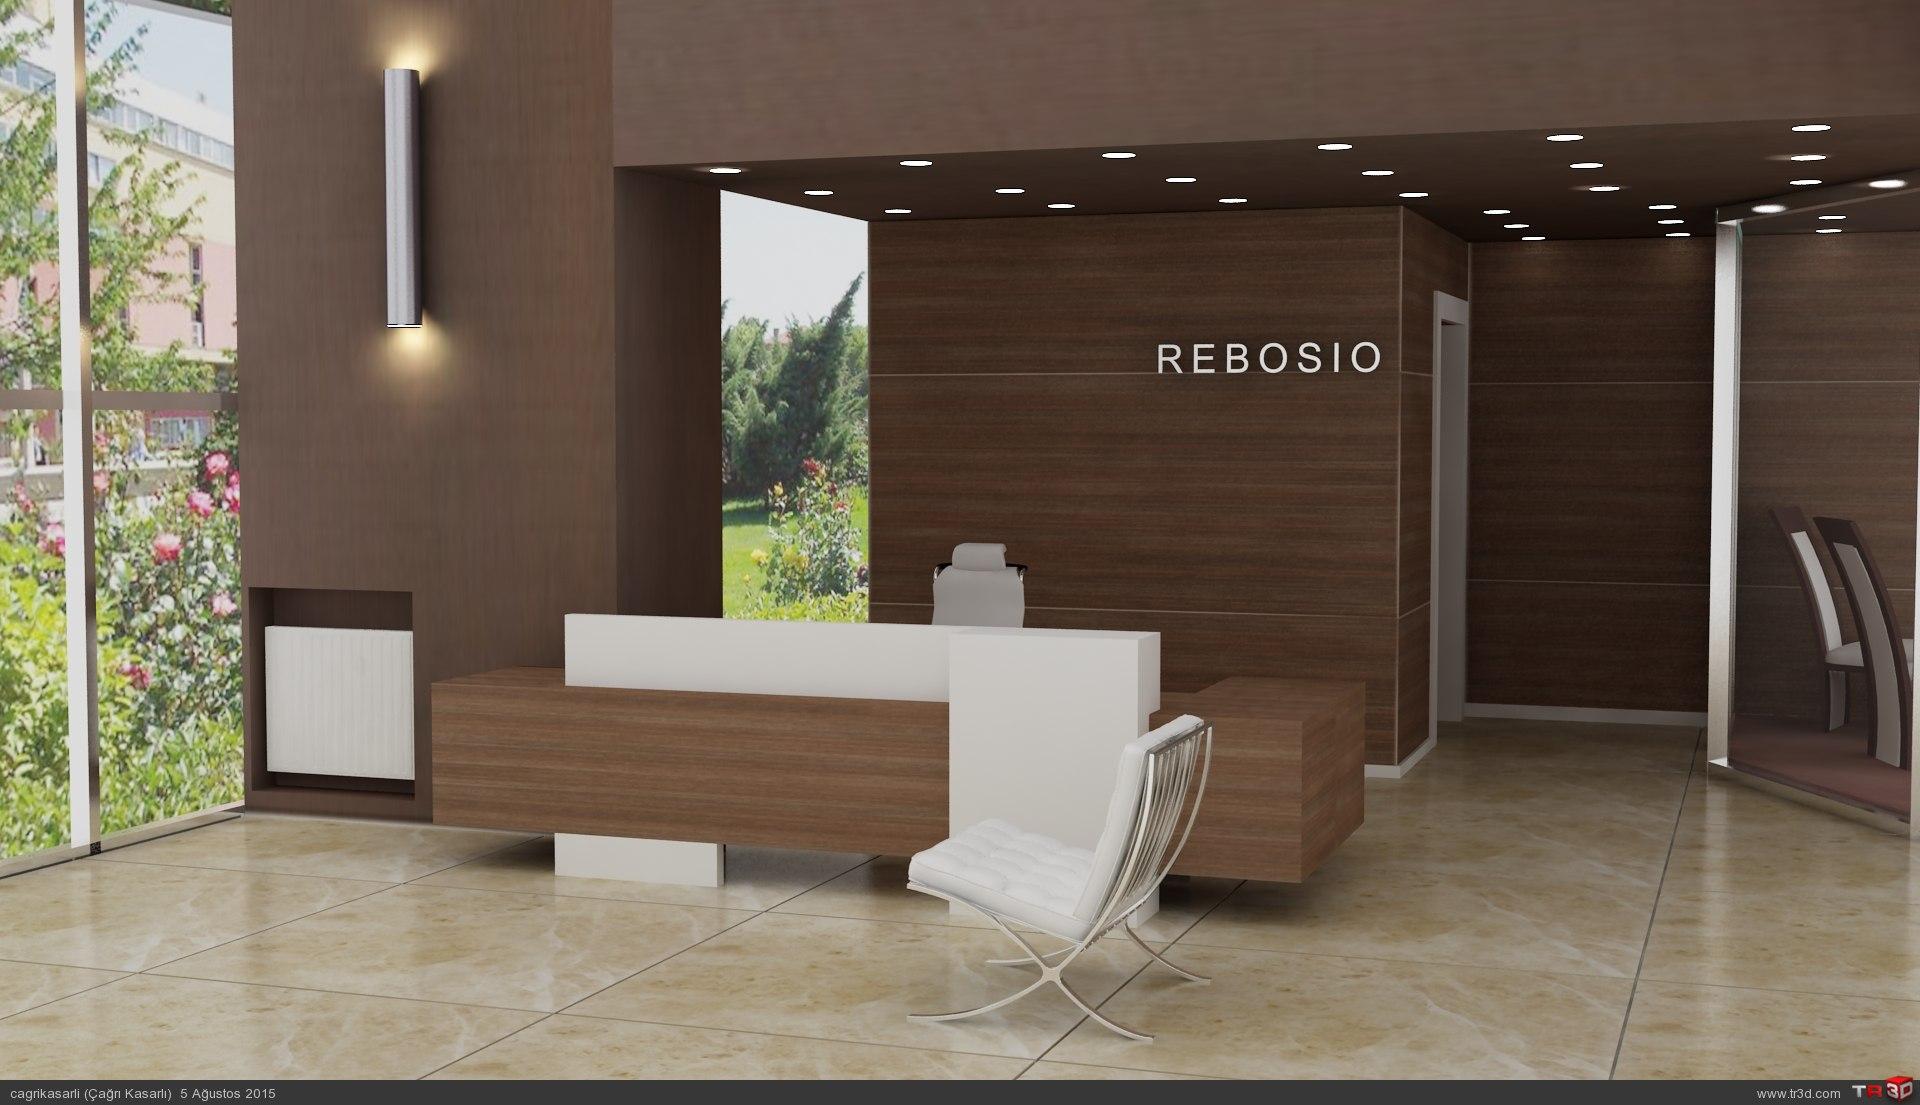 REBOSIO banko çalışması